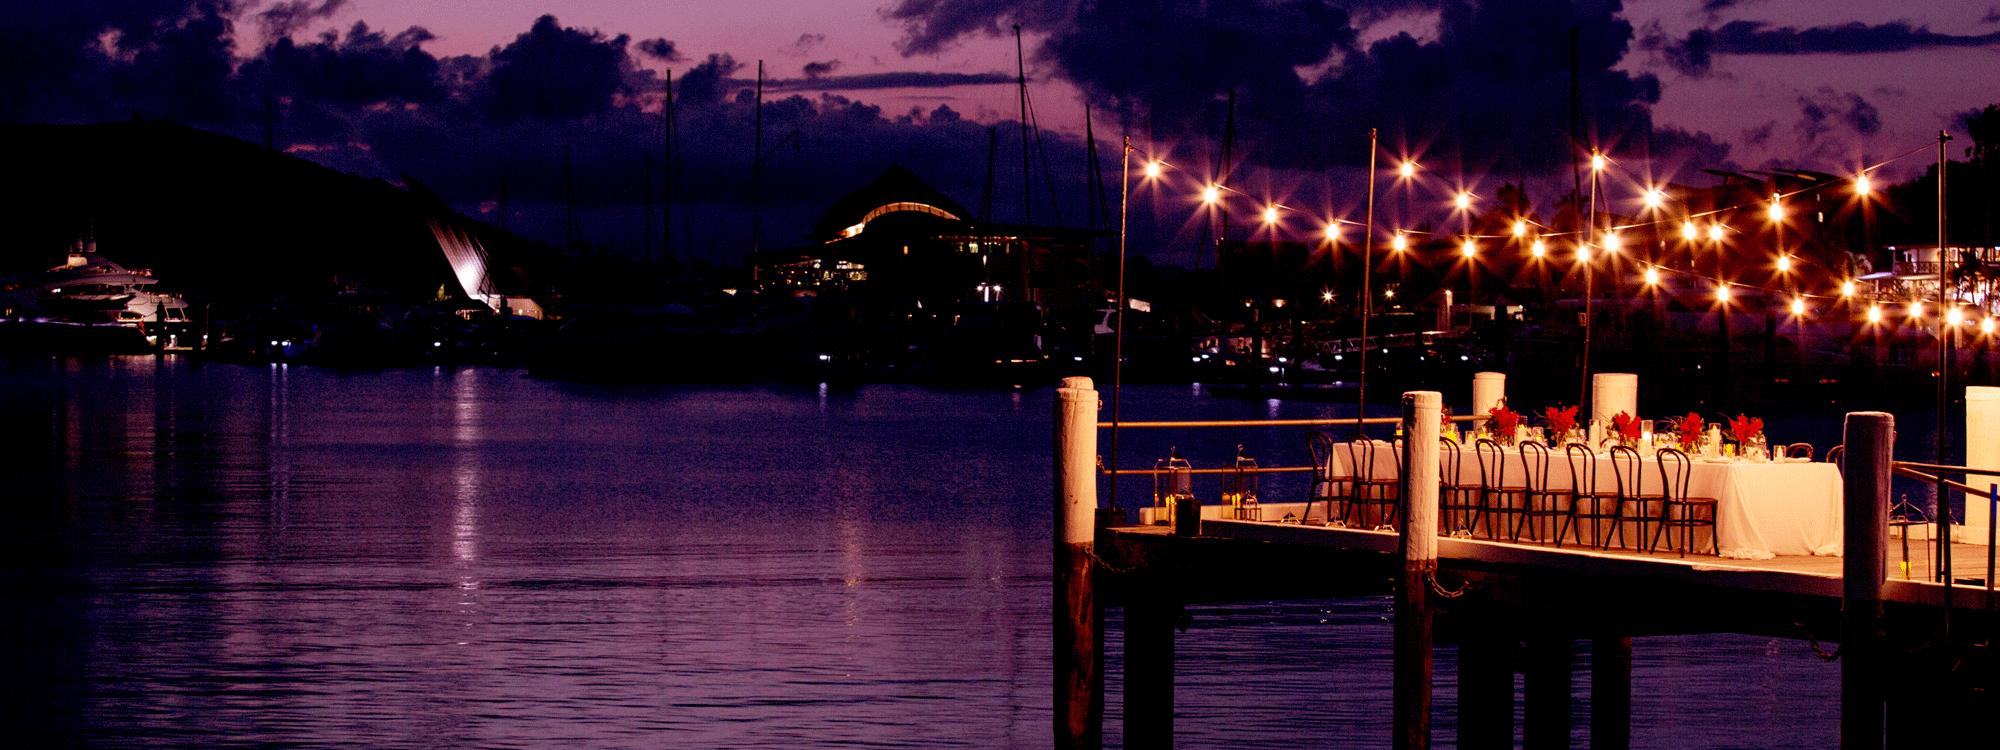 Dock_rosenlund156_HR